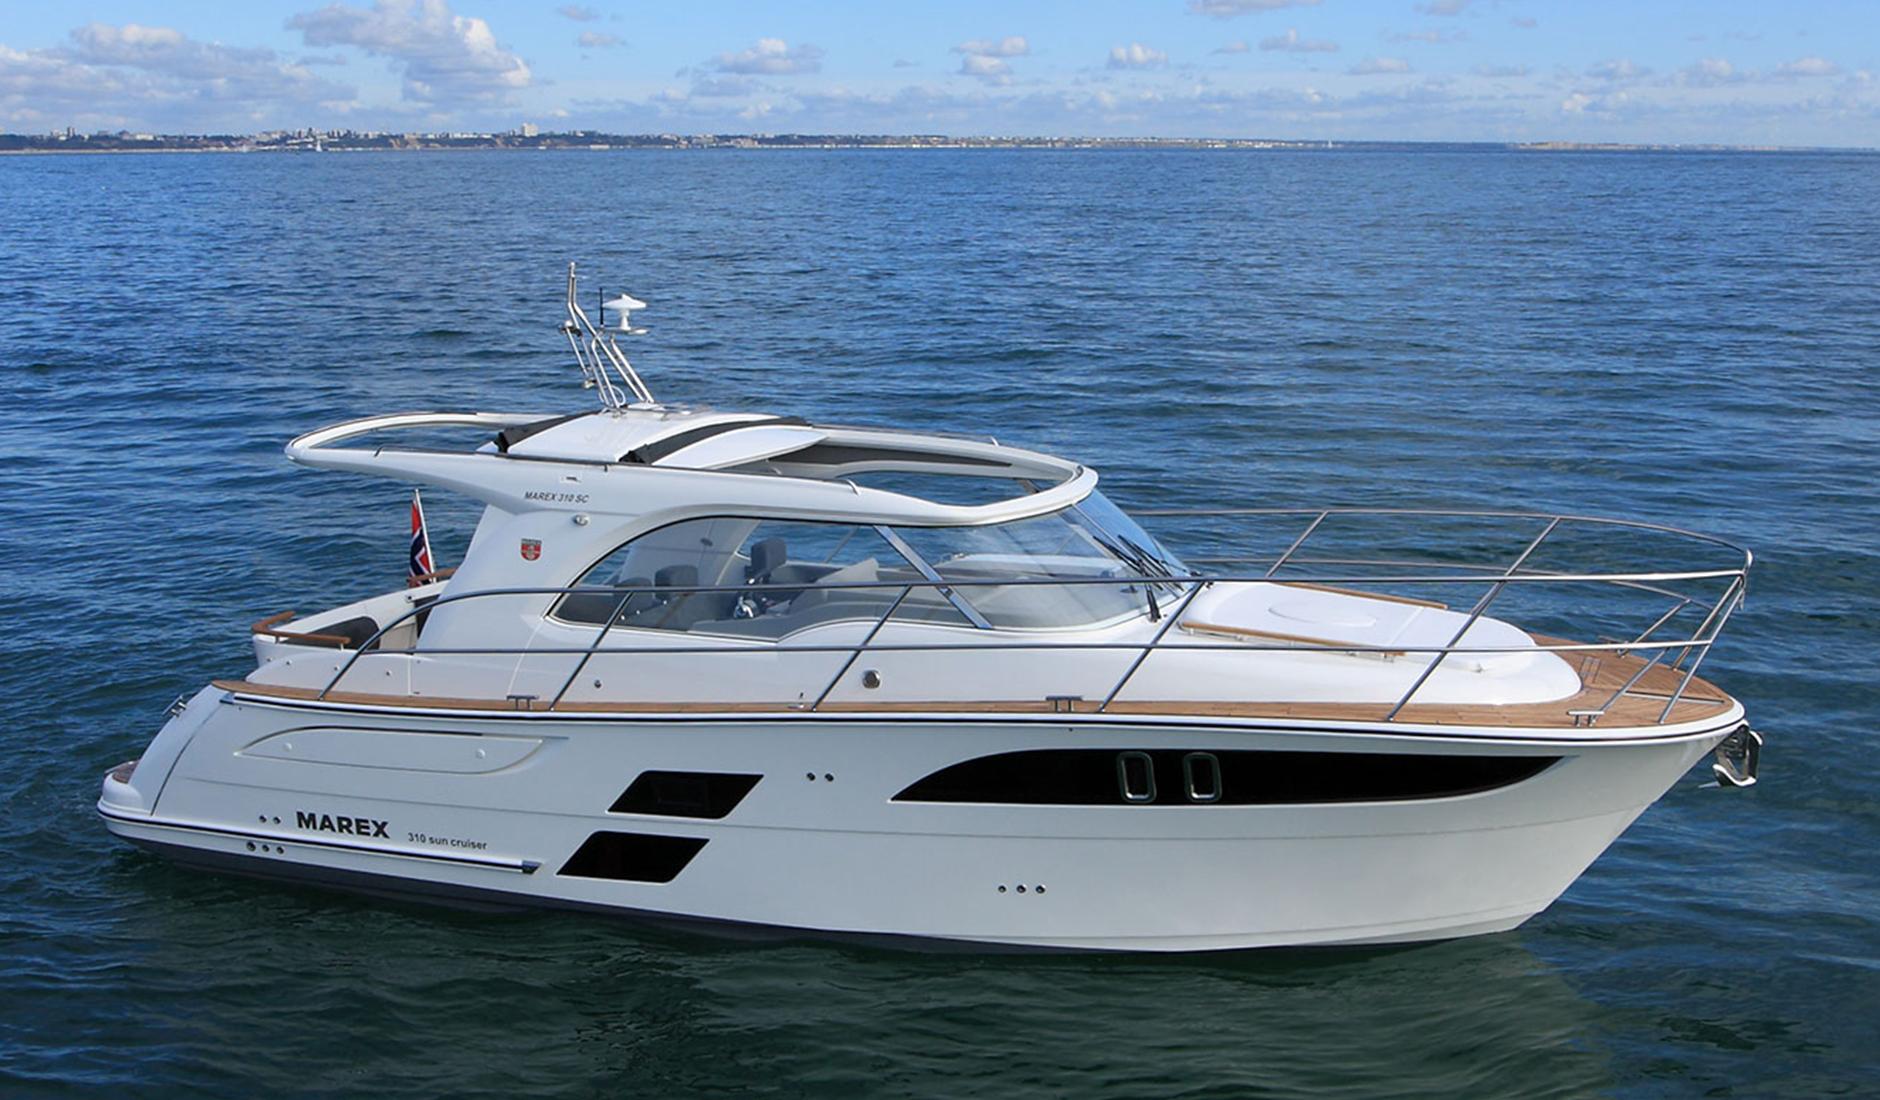 Marex 310 Sun Cruiser Фото № 3